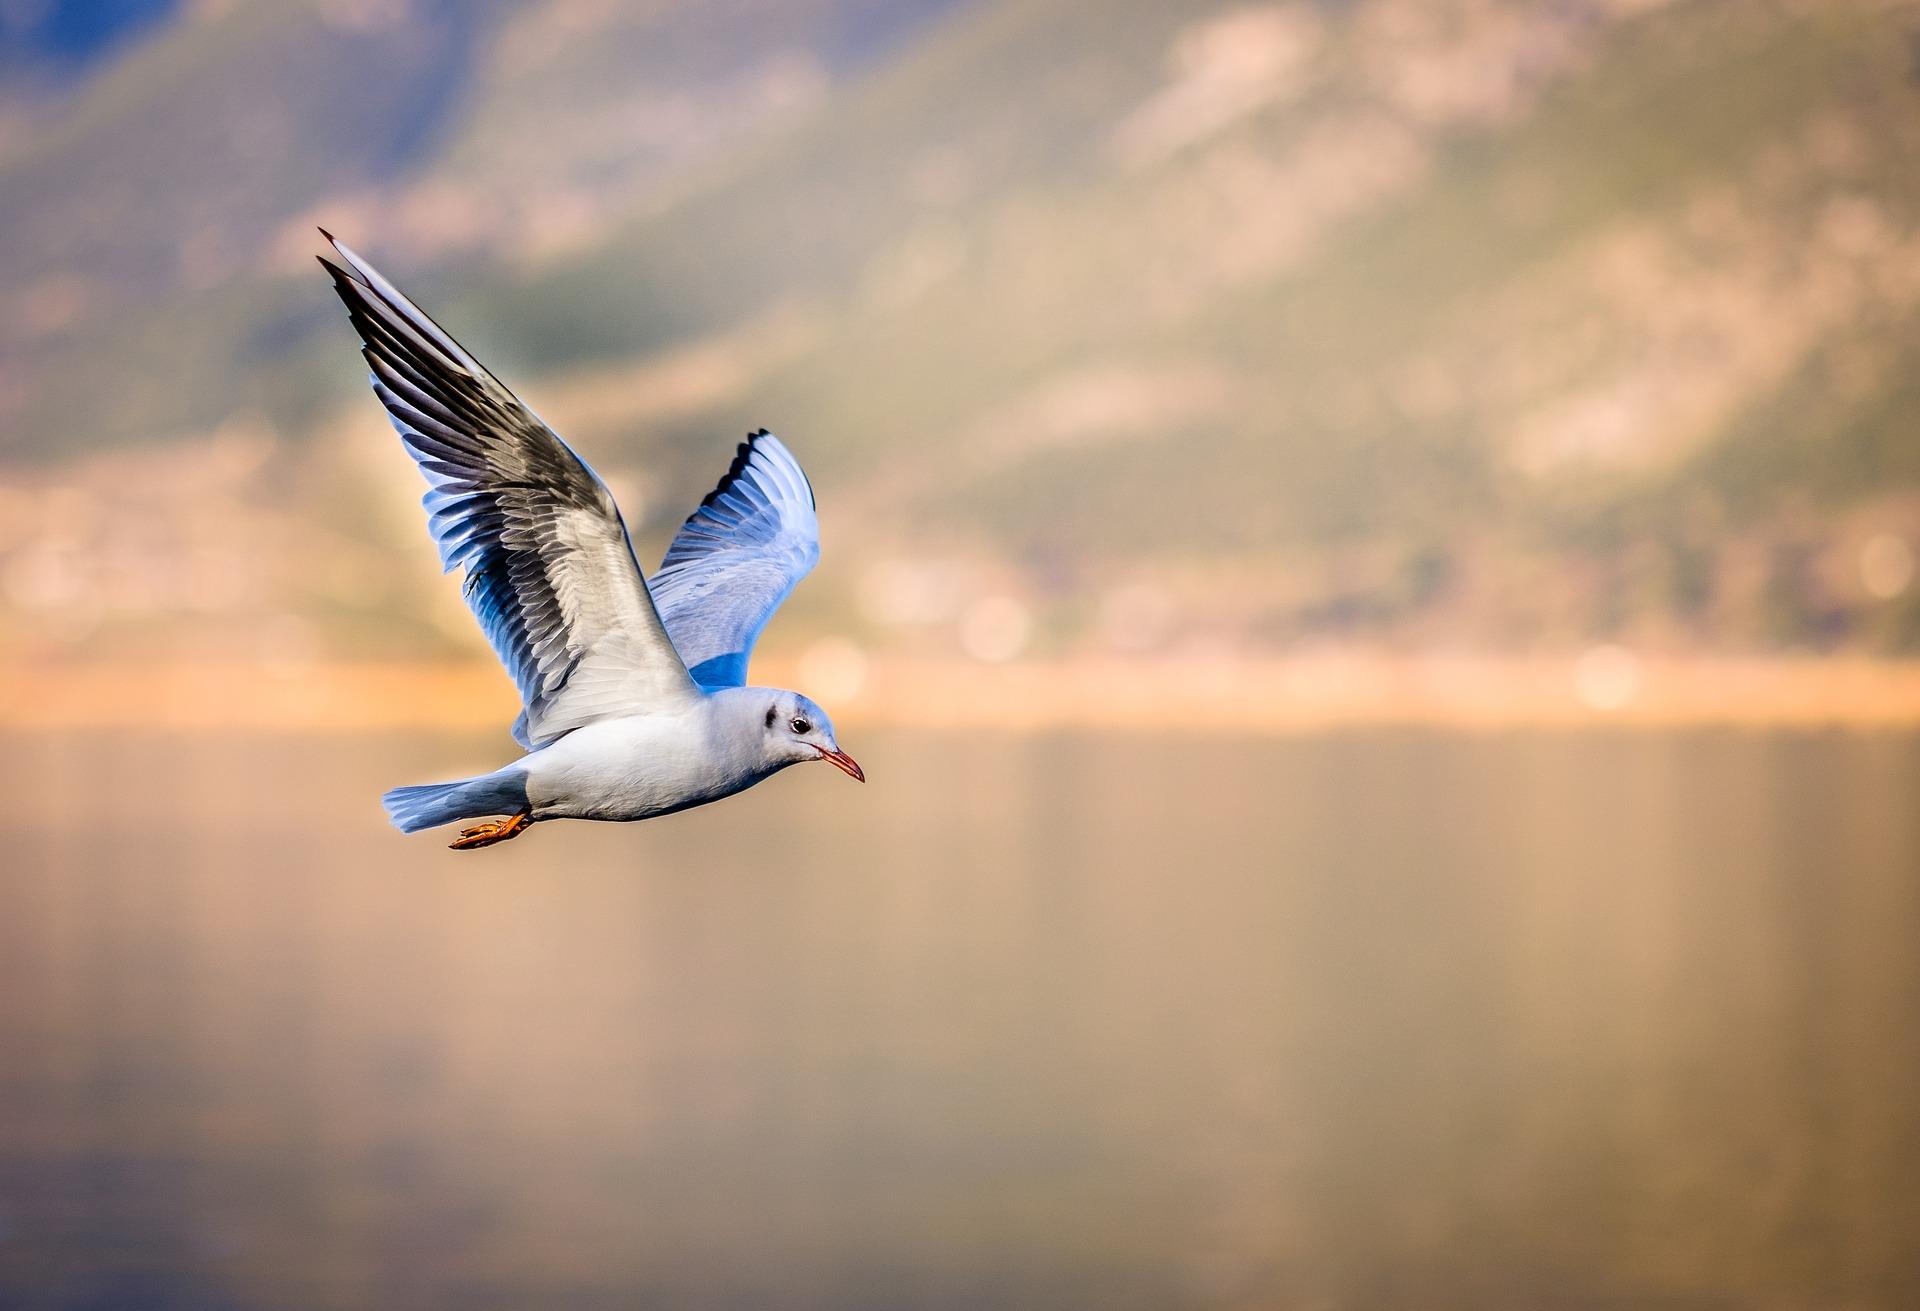 Hình nền con chim đang bay